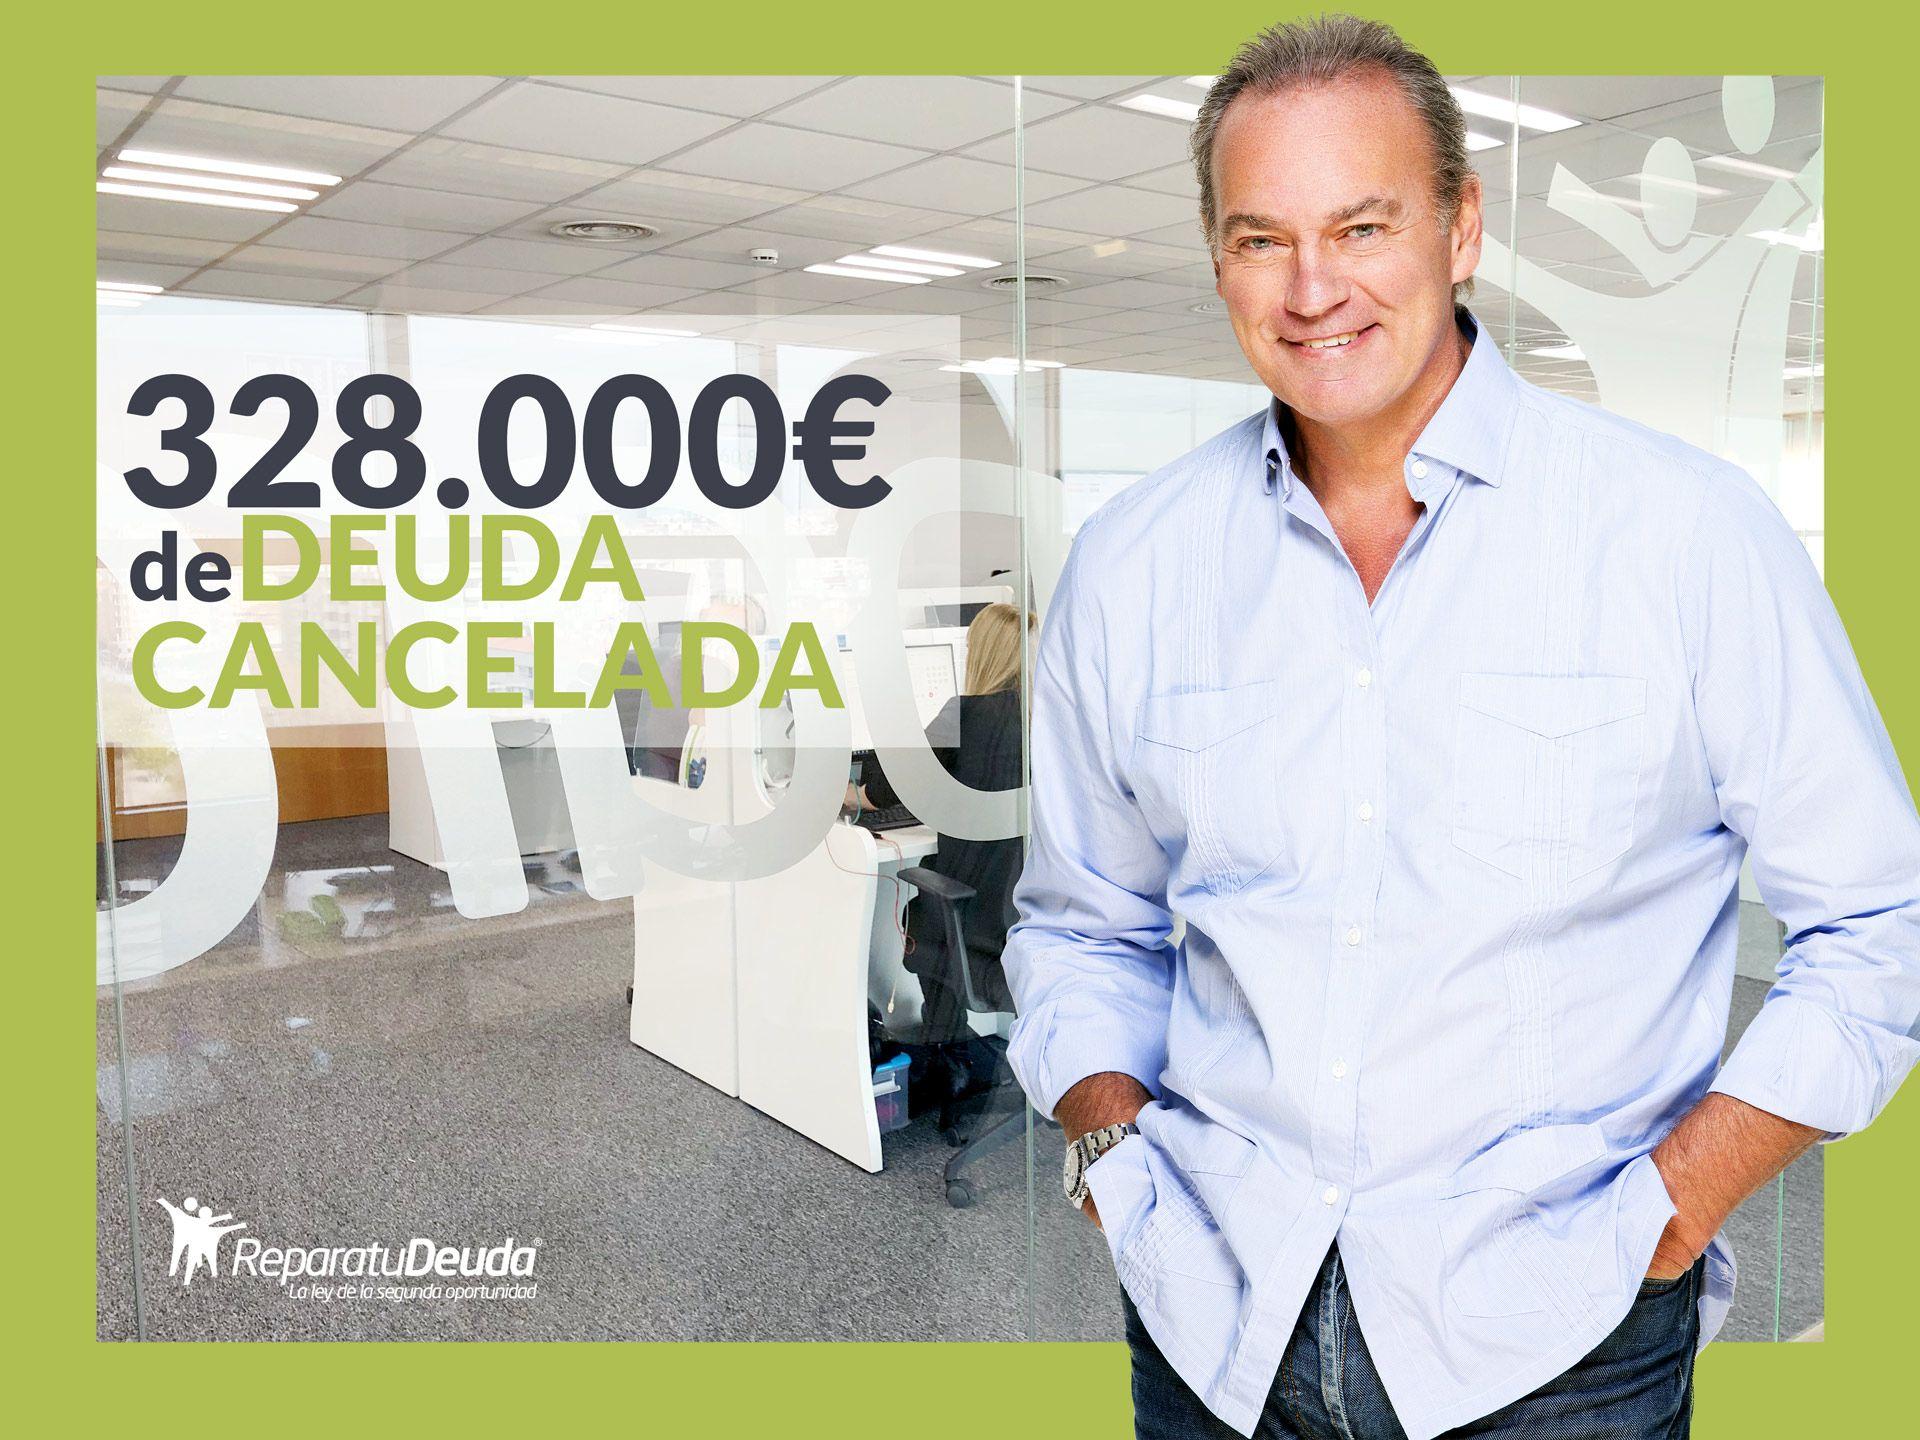 Repara tu Deuda Abogados cancela 328.000 ? en Terrassa (Barcelona) con la Ley de Segunda Oportunidad